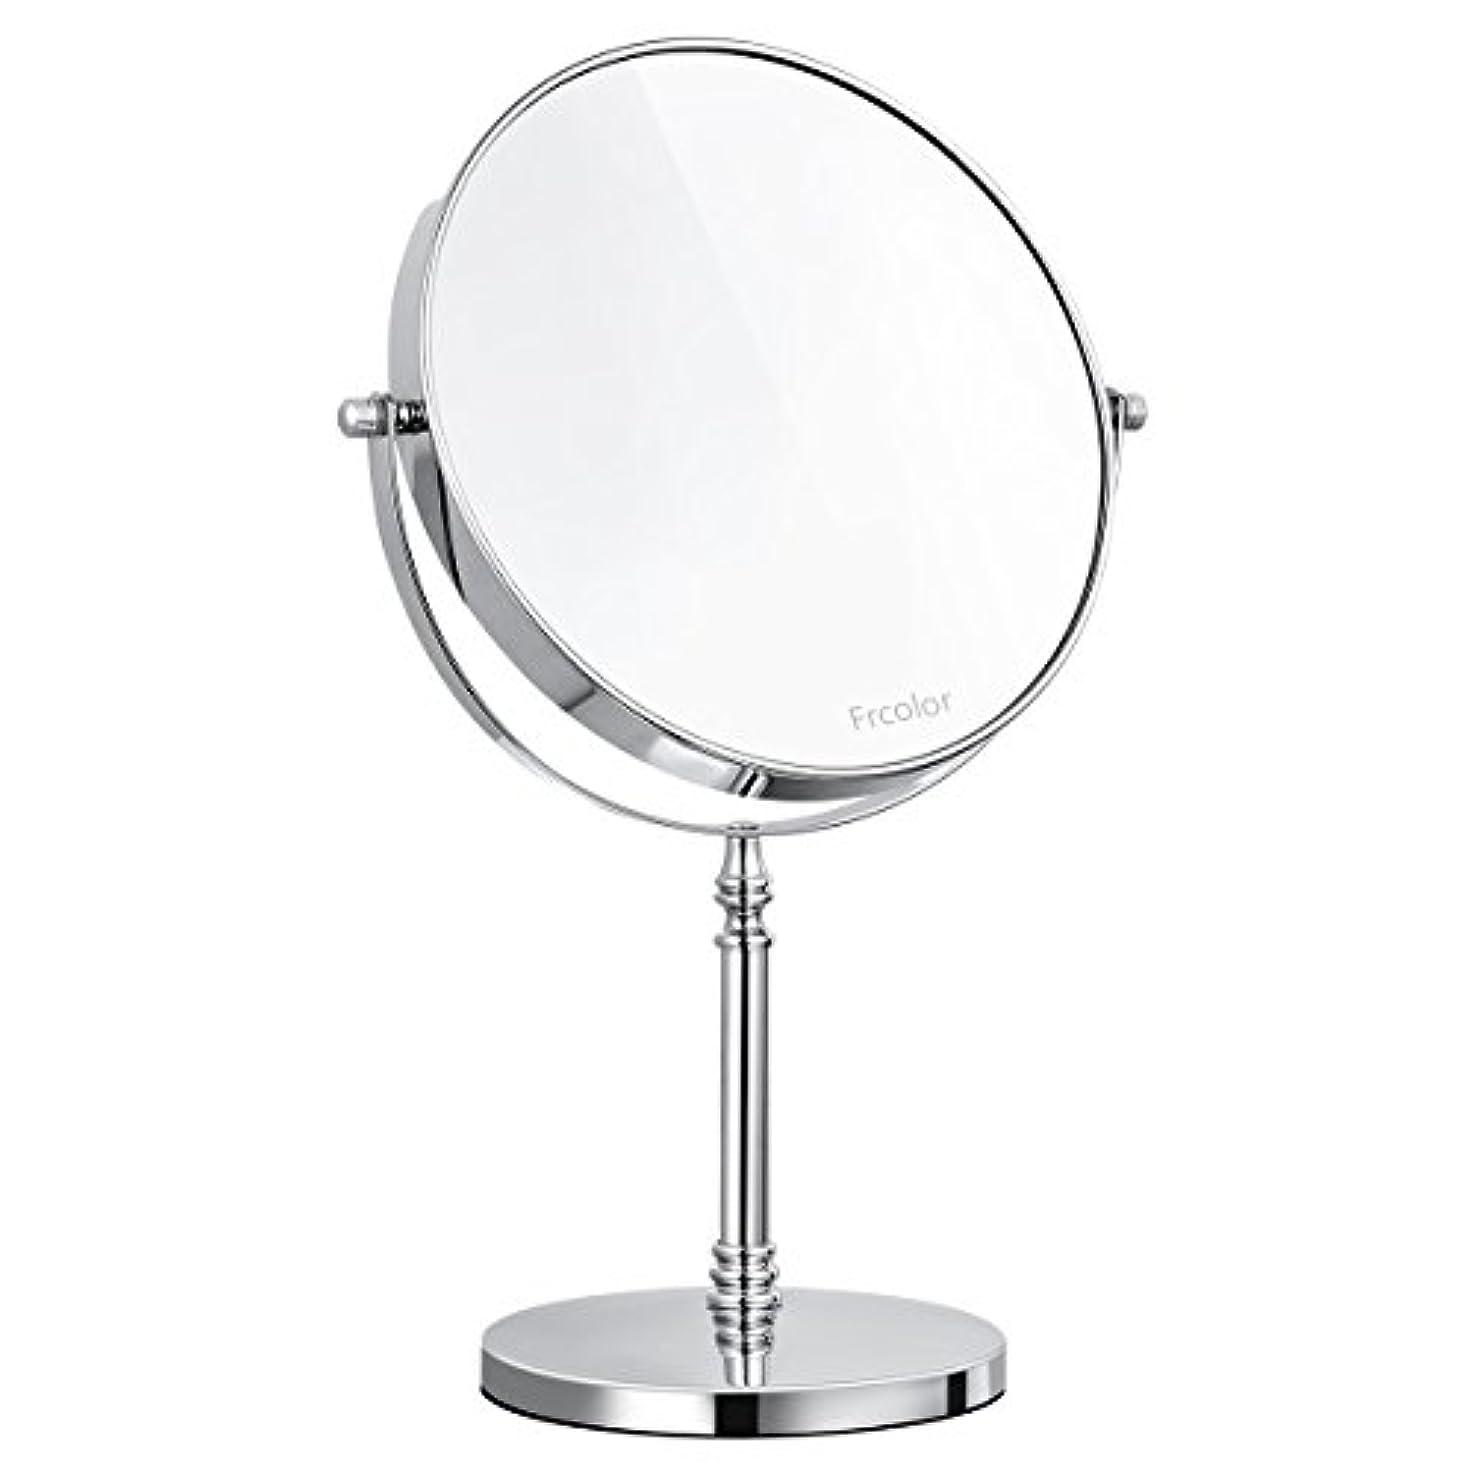 ひねくれた精査ジョグFrcolor 化粧鏡 卓上ミラー 両面鏡 スタンドミラー 10倍拡大鏡 ラウンド 拭く布を付き 8インチ 360度回転 メイクアップミラー